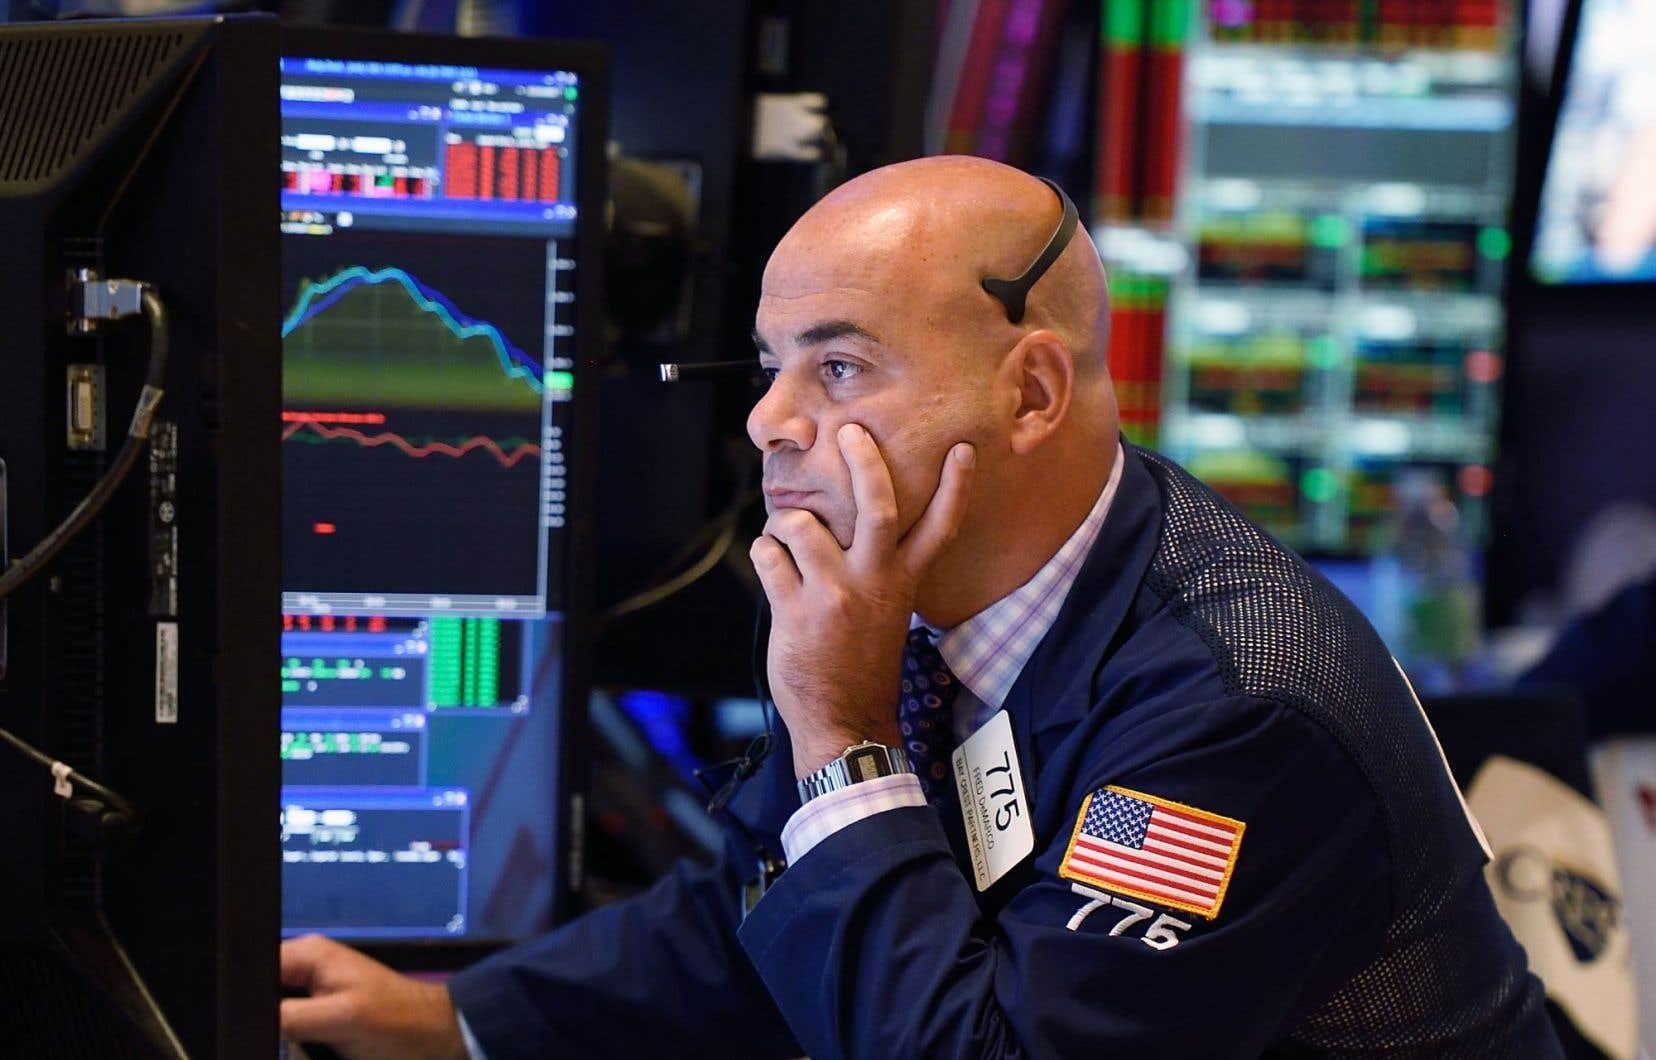 Un jour en hausse, un jour en baisse, les marchés se sont comportés en montagnes russes au cours de l'été qui s'achève.